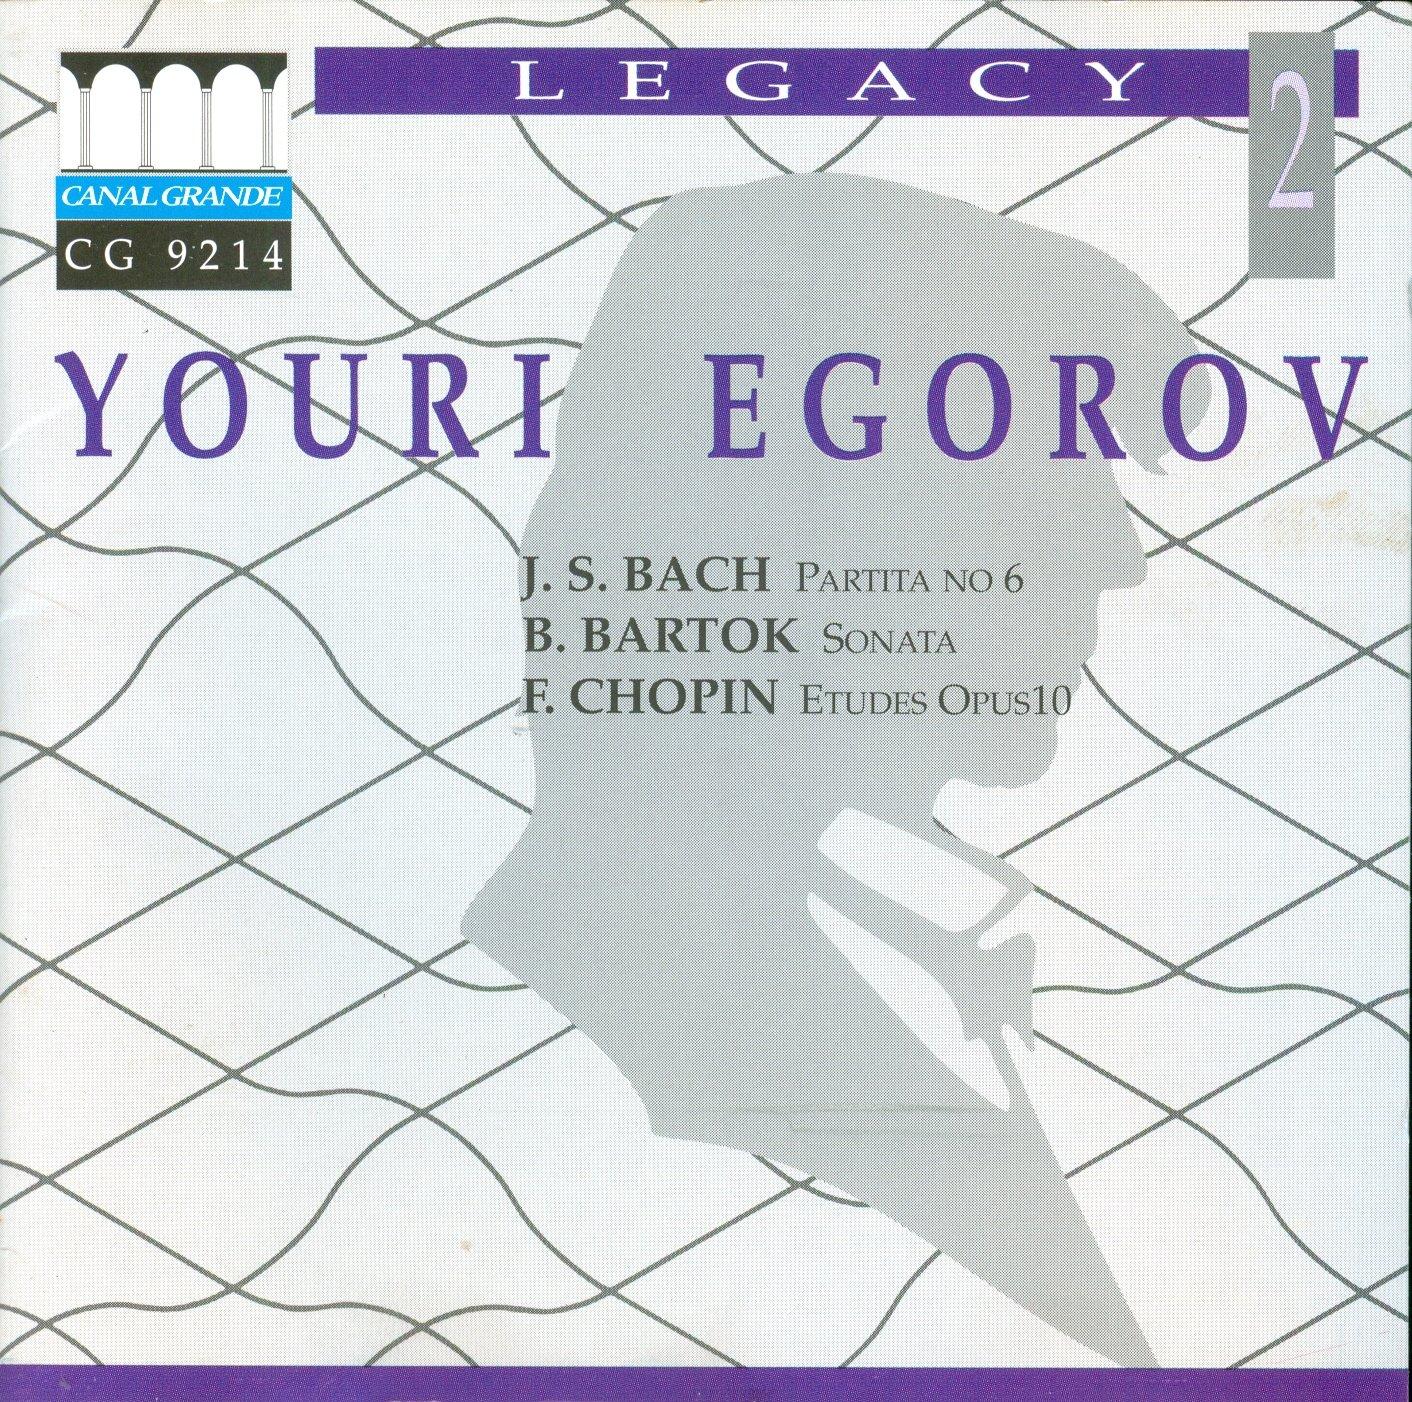 Youri Egorov: Legacy 2